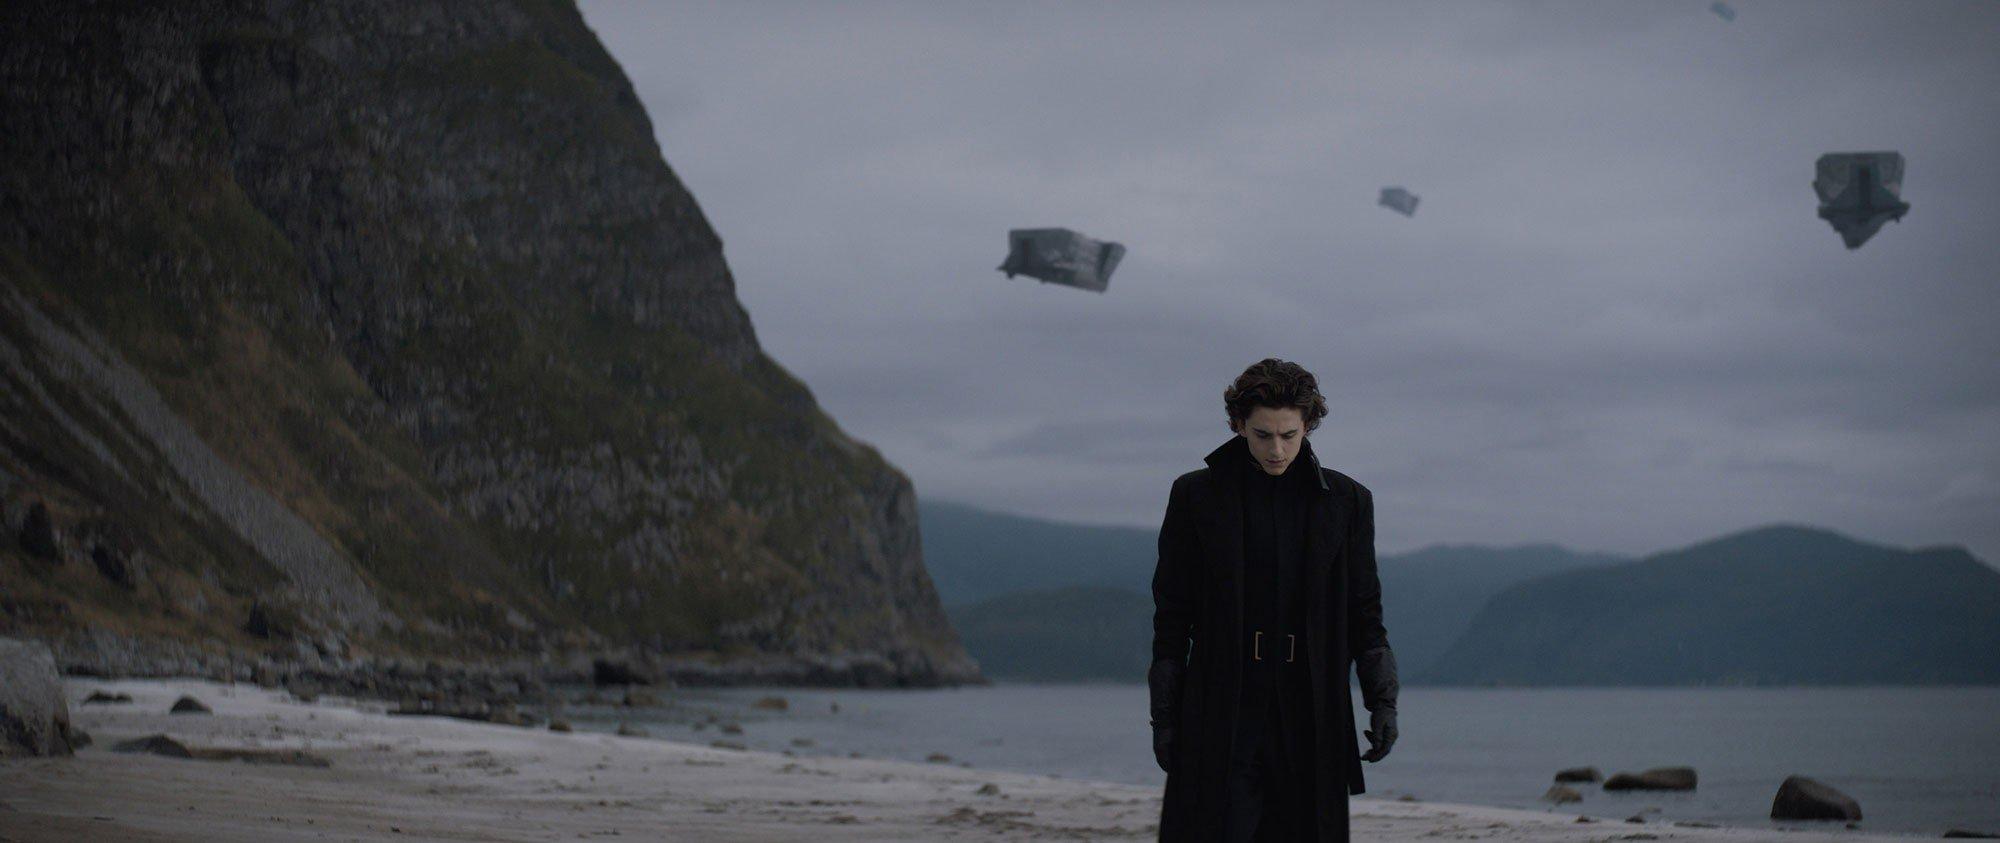 Dune: il trailer ufficiale italiano del film di Denis Villeneuve